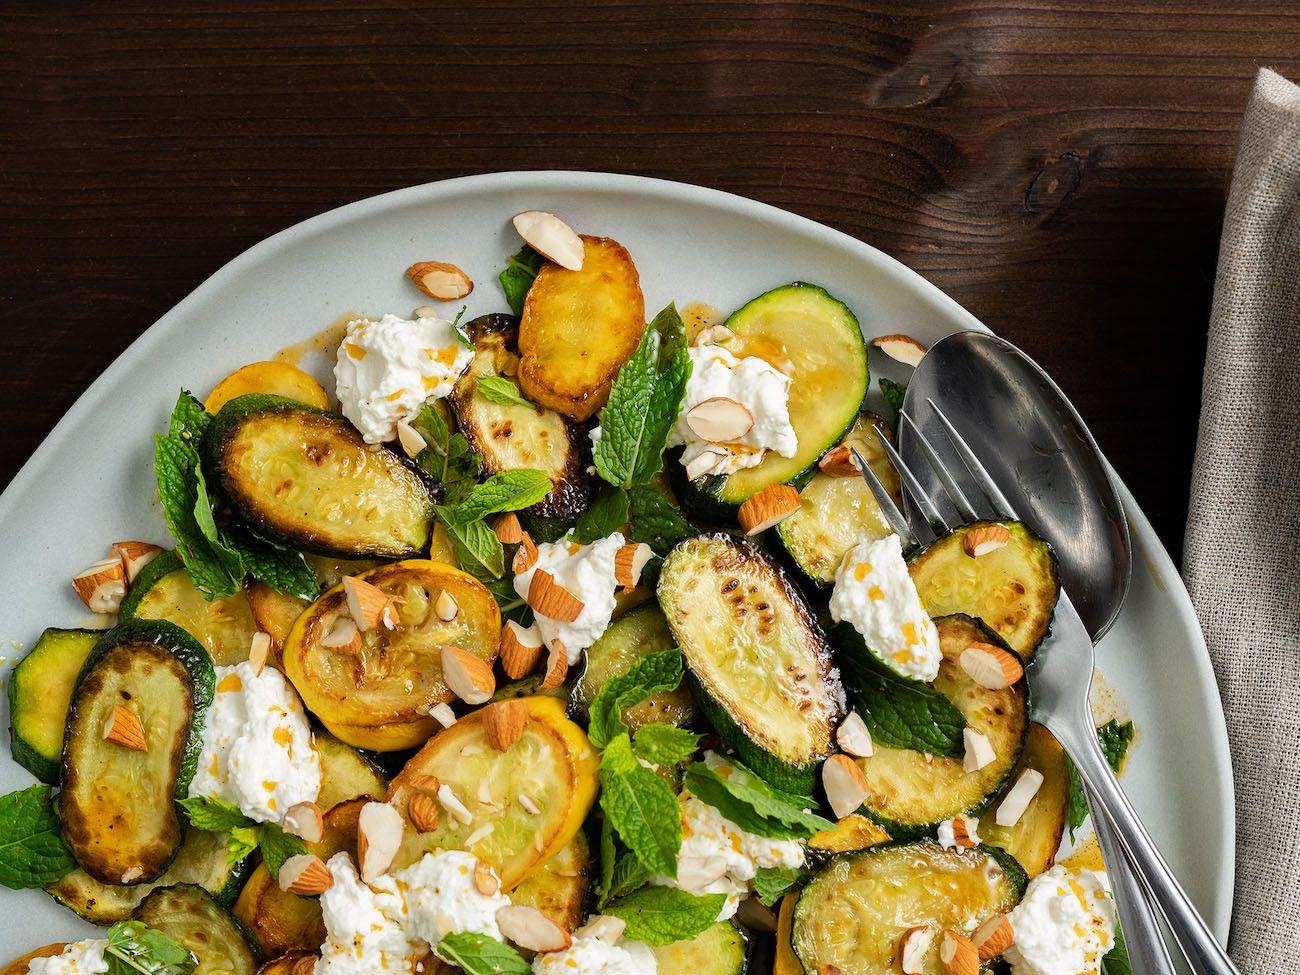 Zucchinisalat mit Ricotta, Mandeln und Minze, Serviette, Olivenöl, Pfeffer